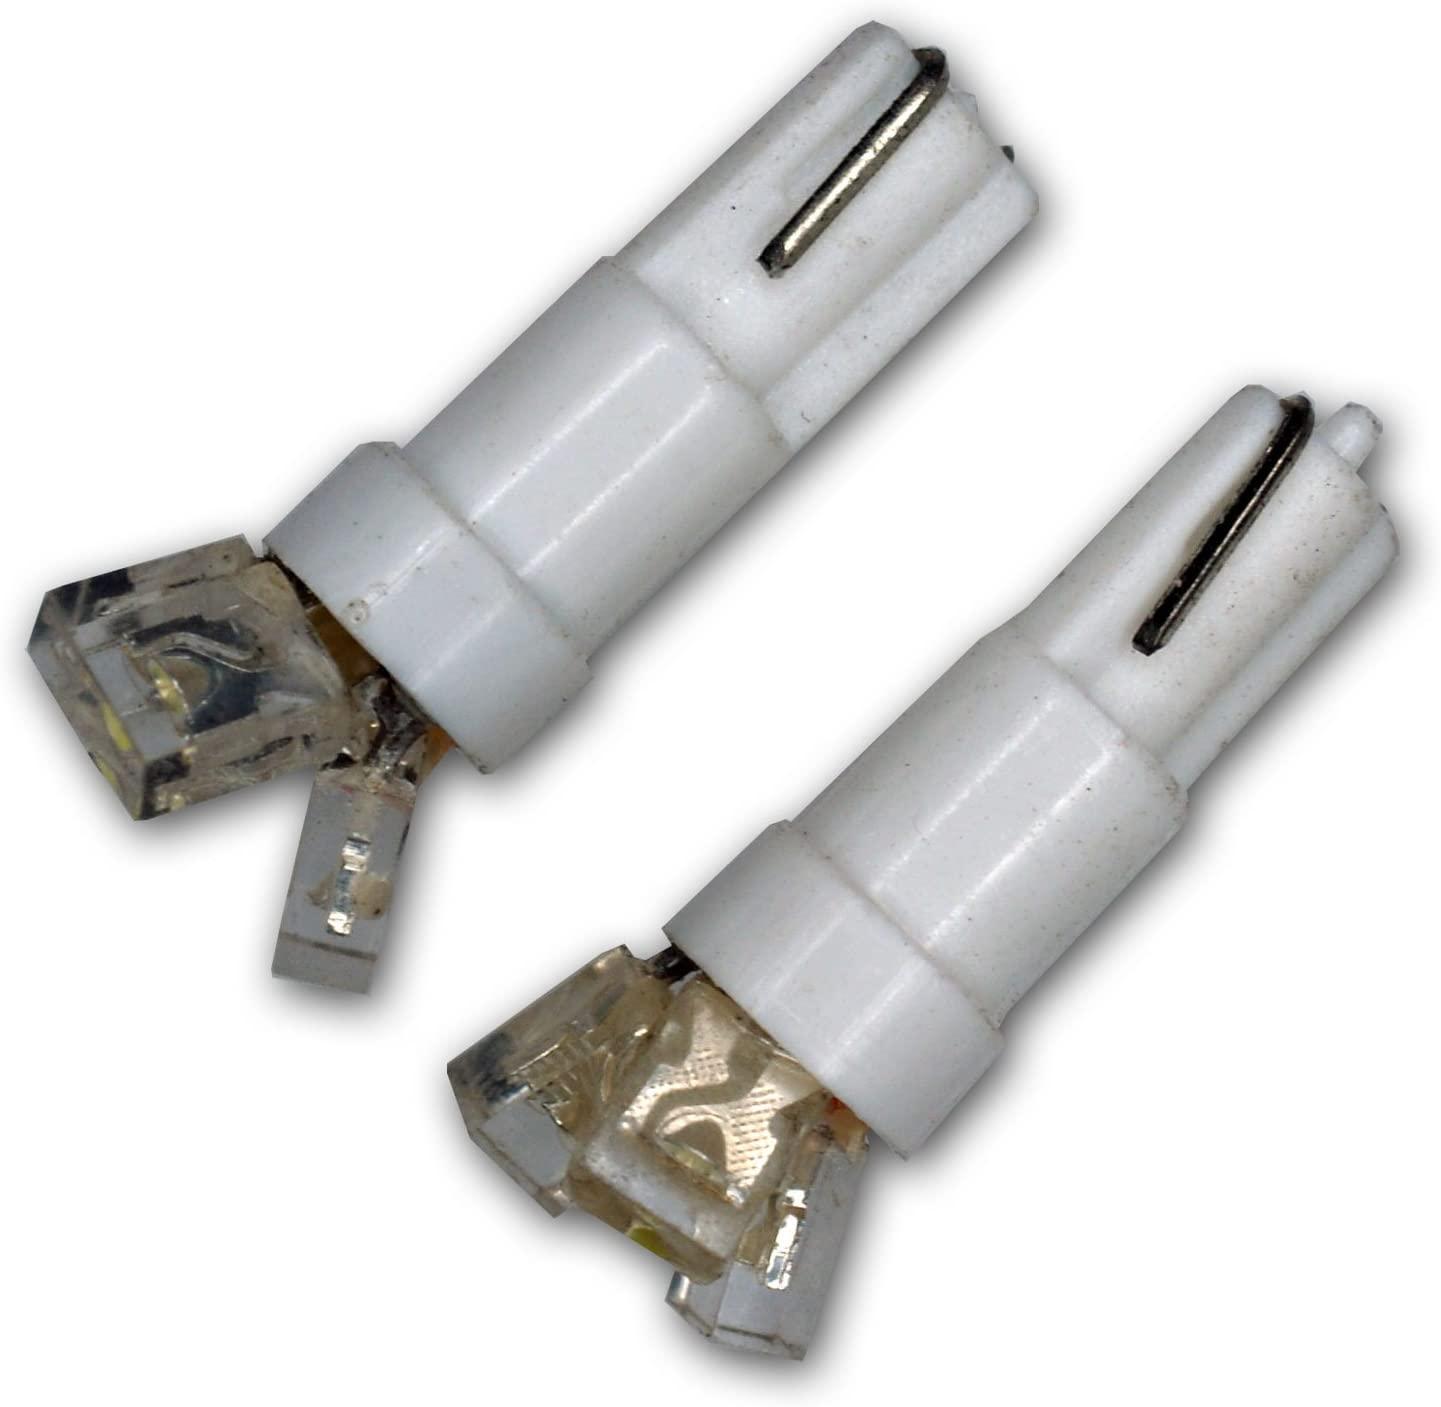 TuningPros LEDIS-T5-W3 Ignition Switch LED Light Bulbs T5, 3 LED White 2-pc Set